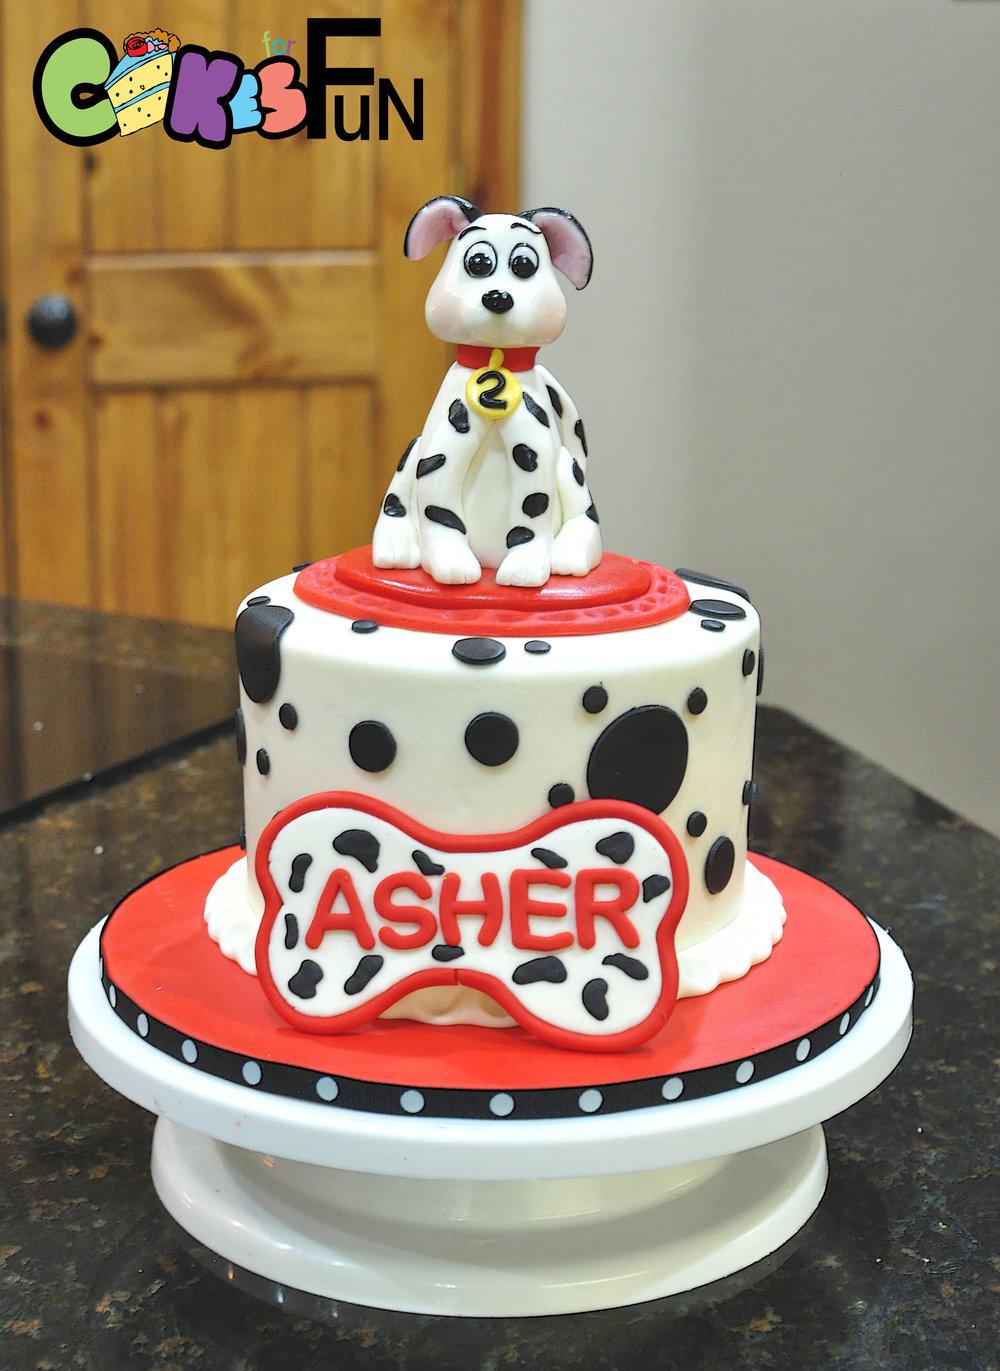 dalmation Cake.jpg